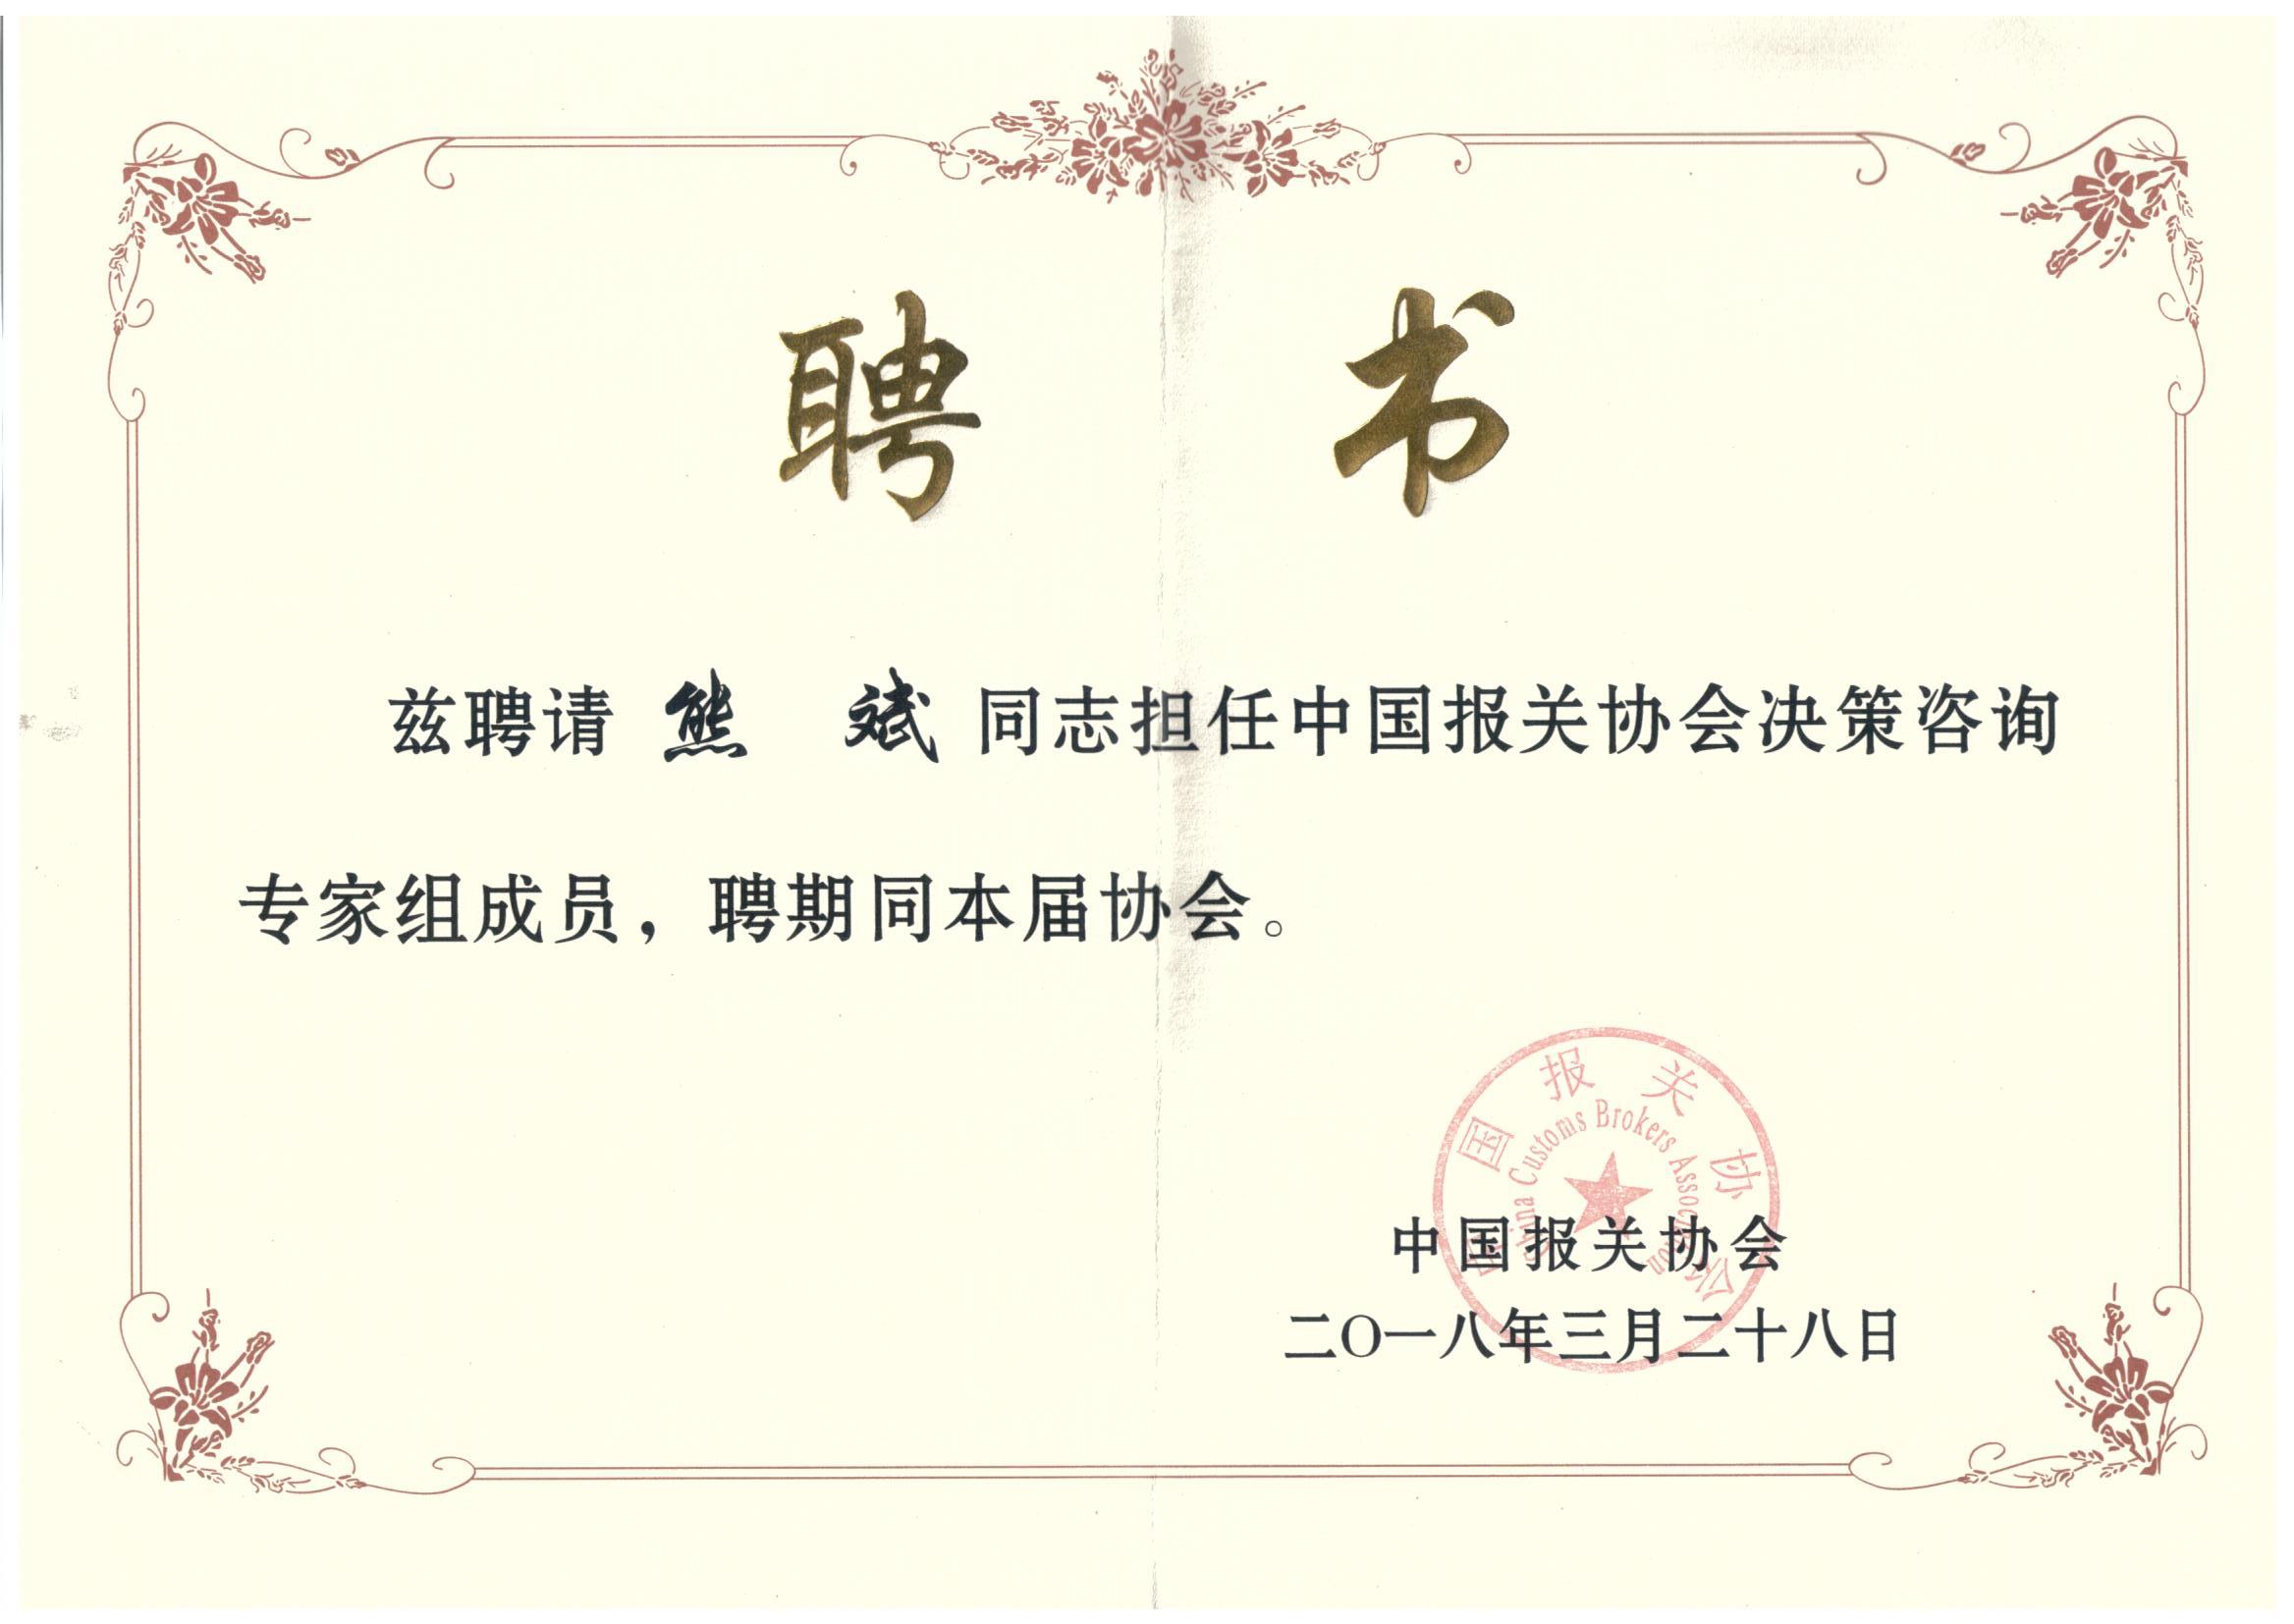 動態 | 天地縱橫CEO&創始合伙人熊斌先生受聘中國報關協會決策咨詢專家組成員